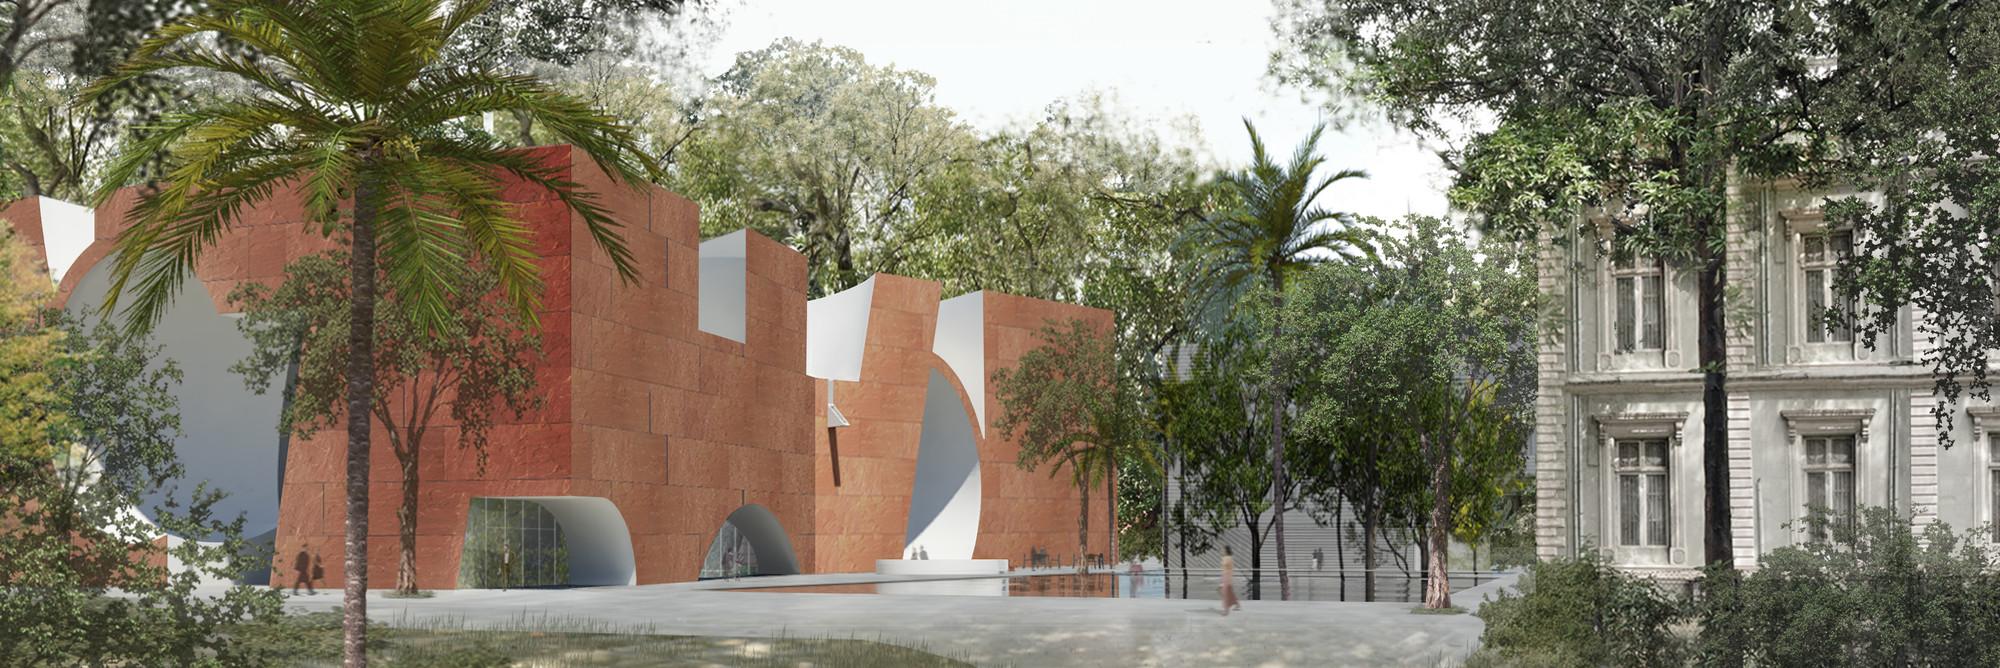 Steven Holl seleccionado para diseñar la nueva ala del Museo de Mumbai, © Steven Holl Architects